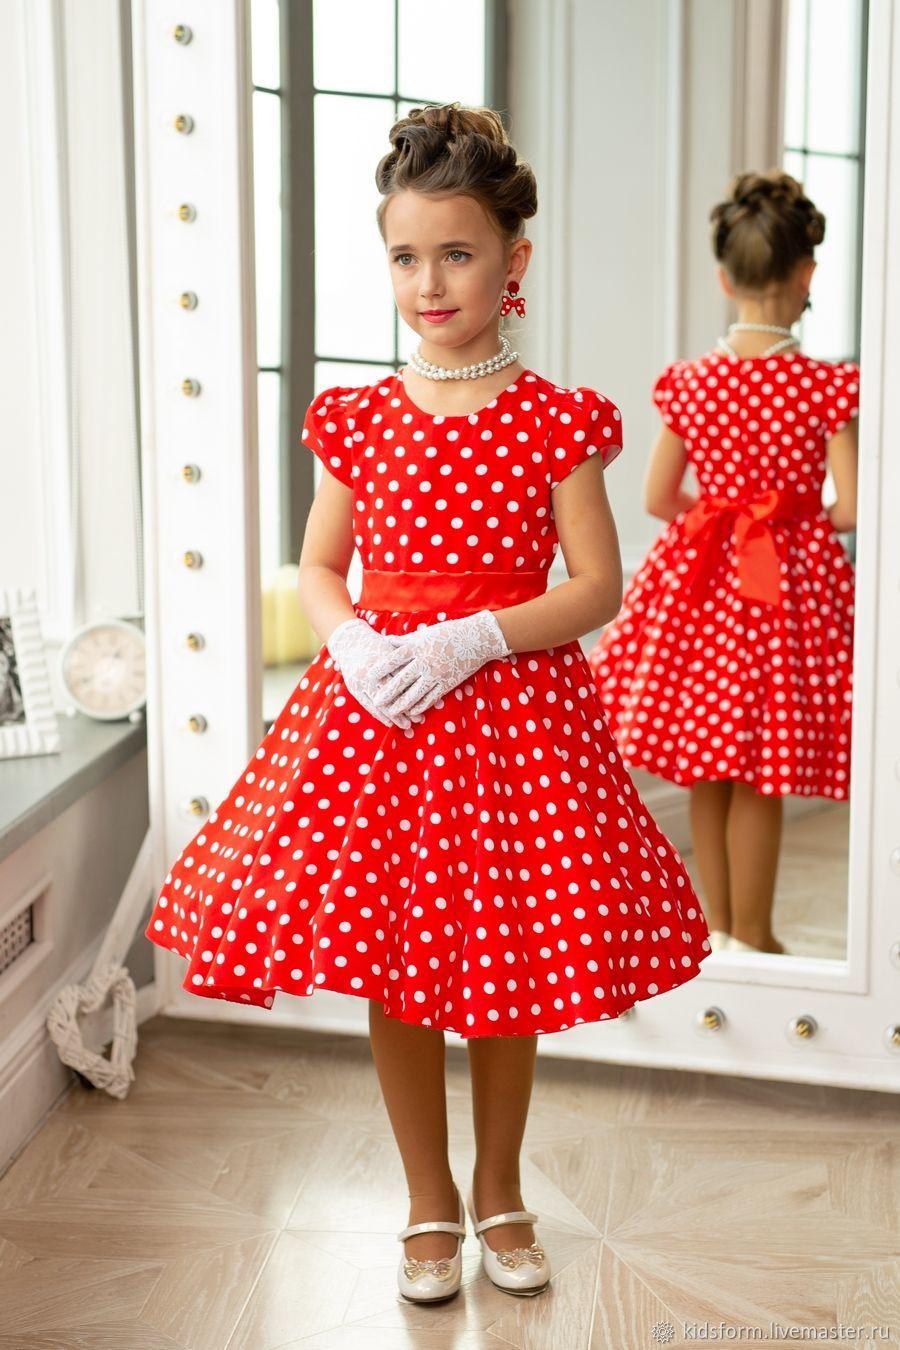 b8ce5240885 Красное нарядное платье для девочки Стиляги ретро в горох – купить в ...